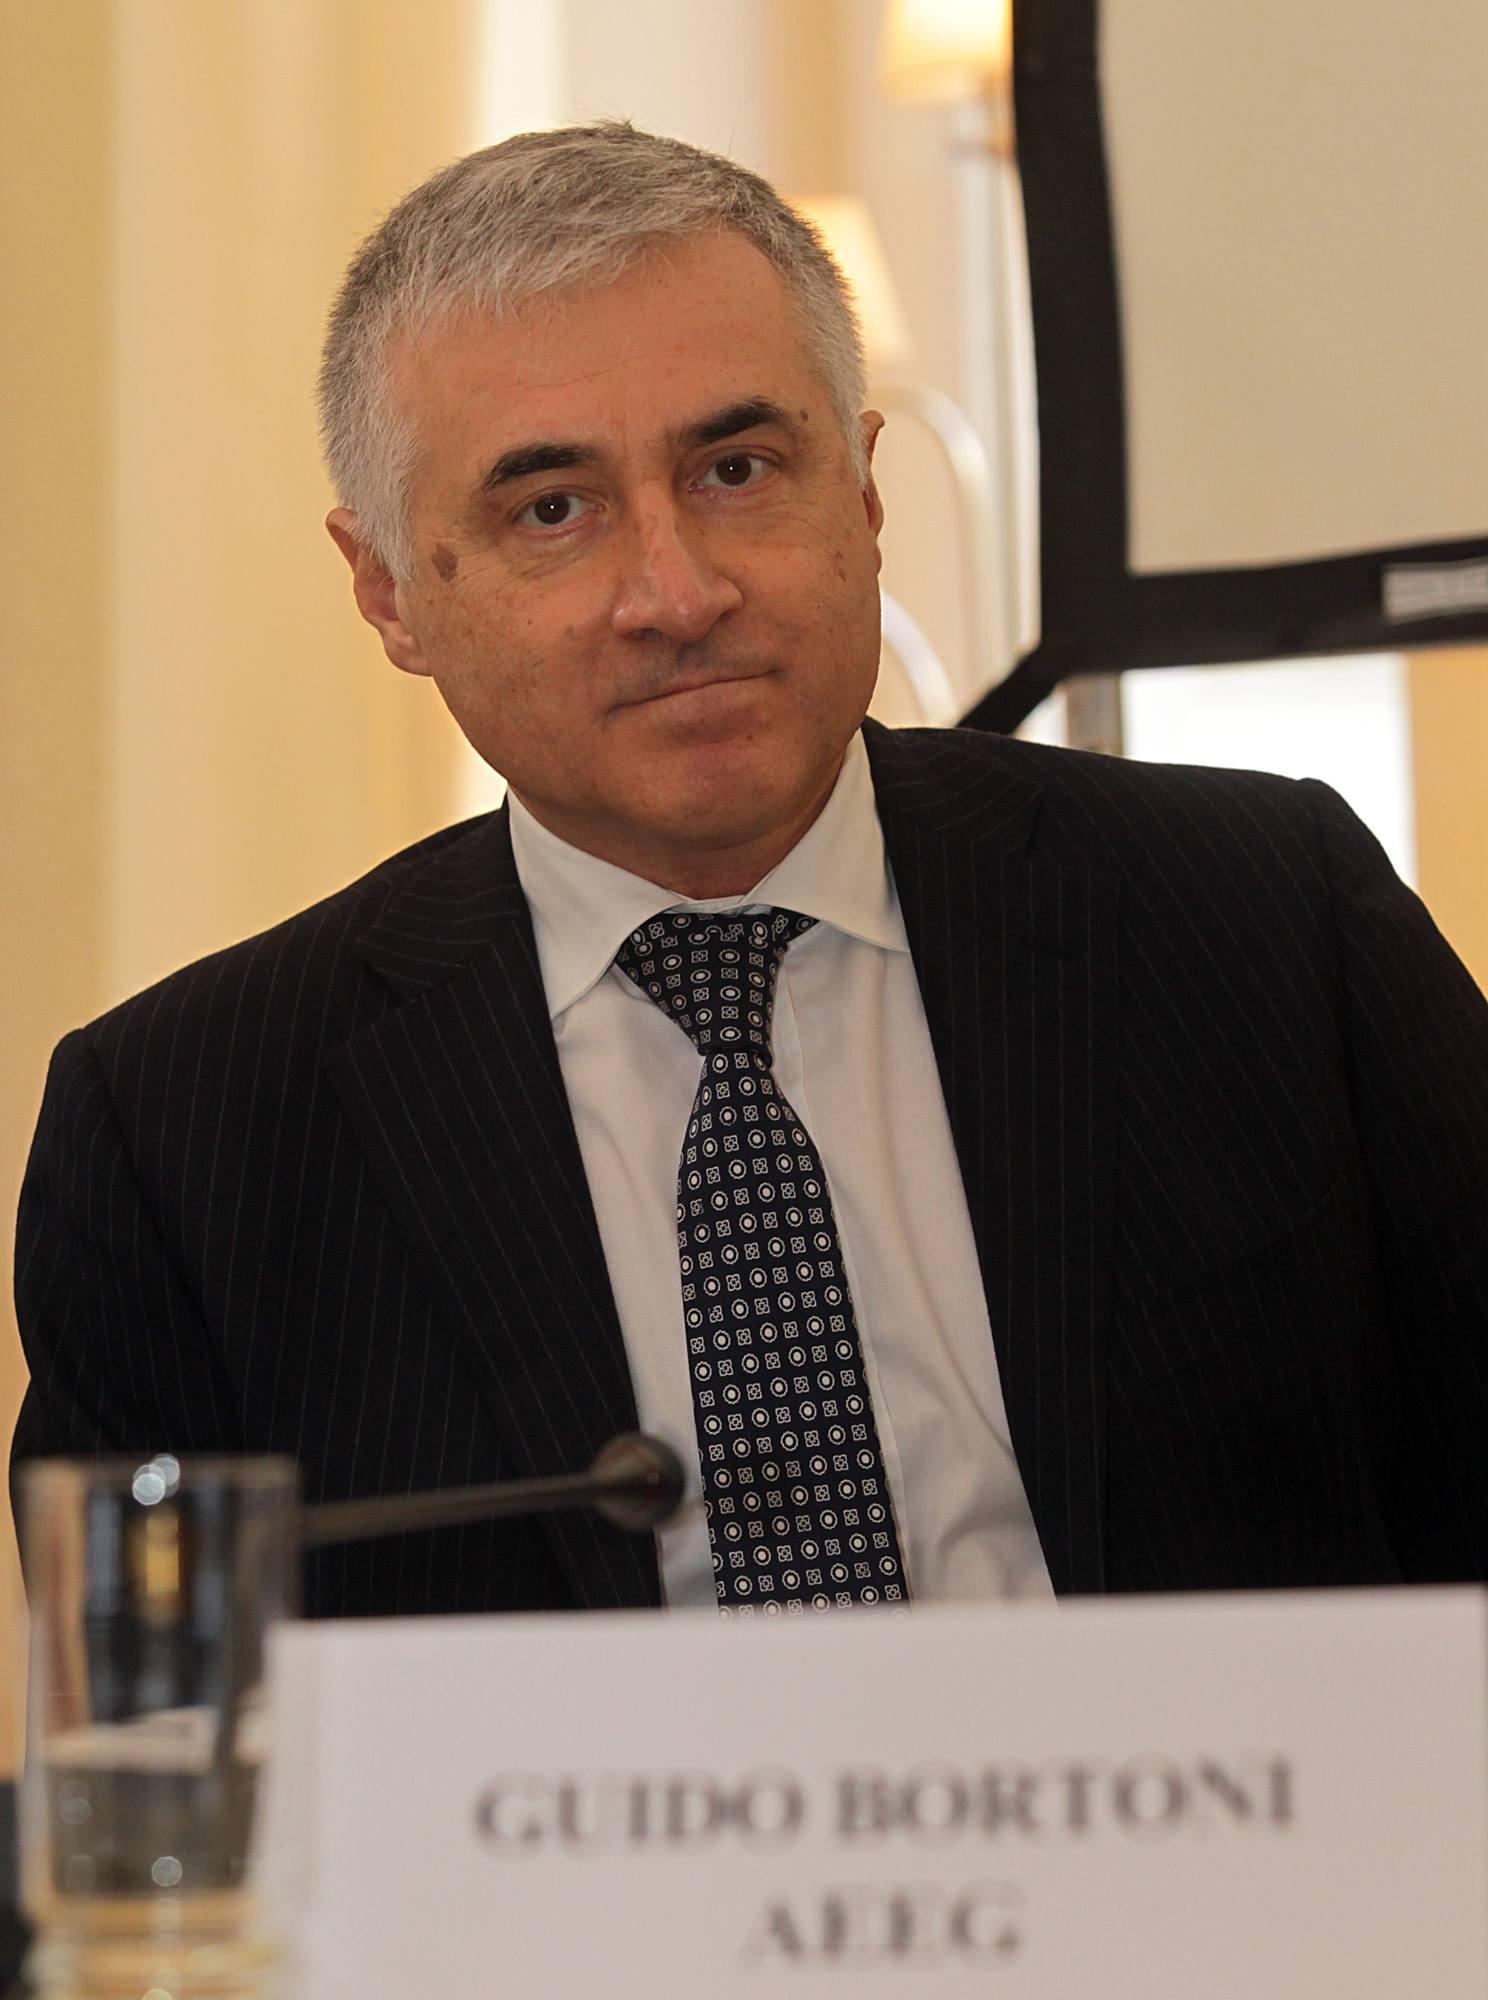 Guido Bortoni, presidente dell'Autorità per l'energia elettrica e il gas (Ansa)